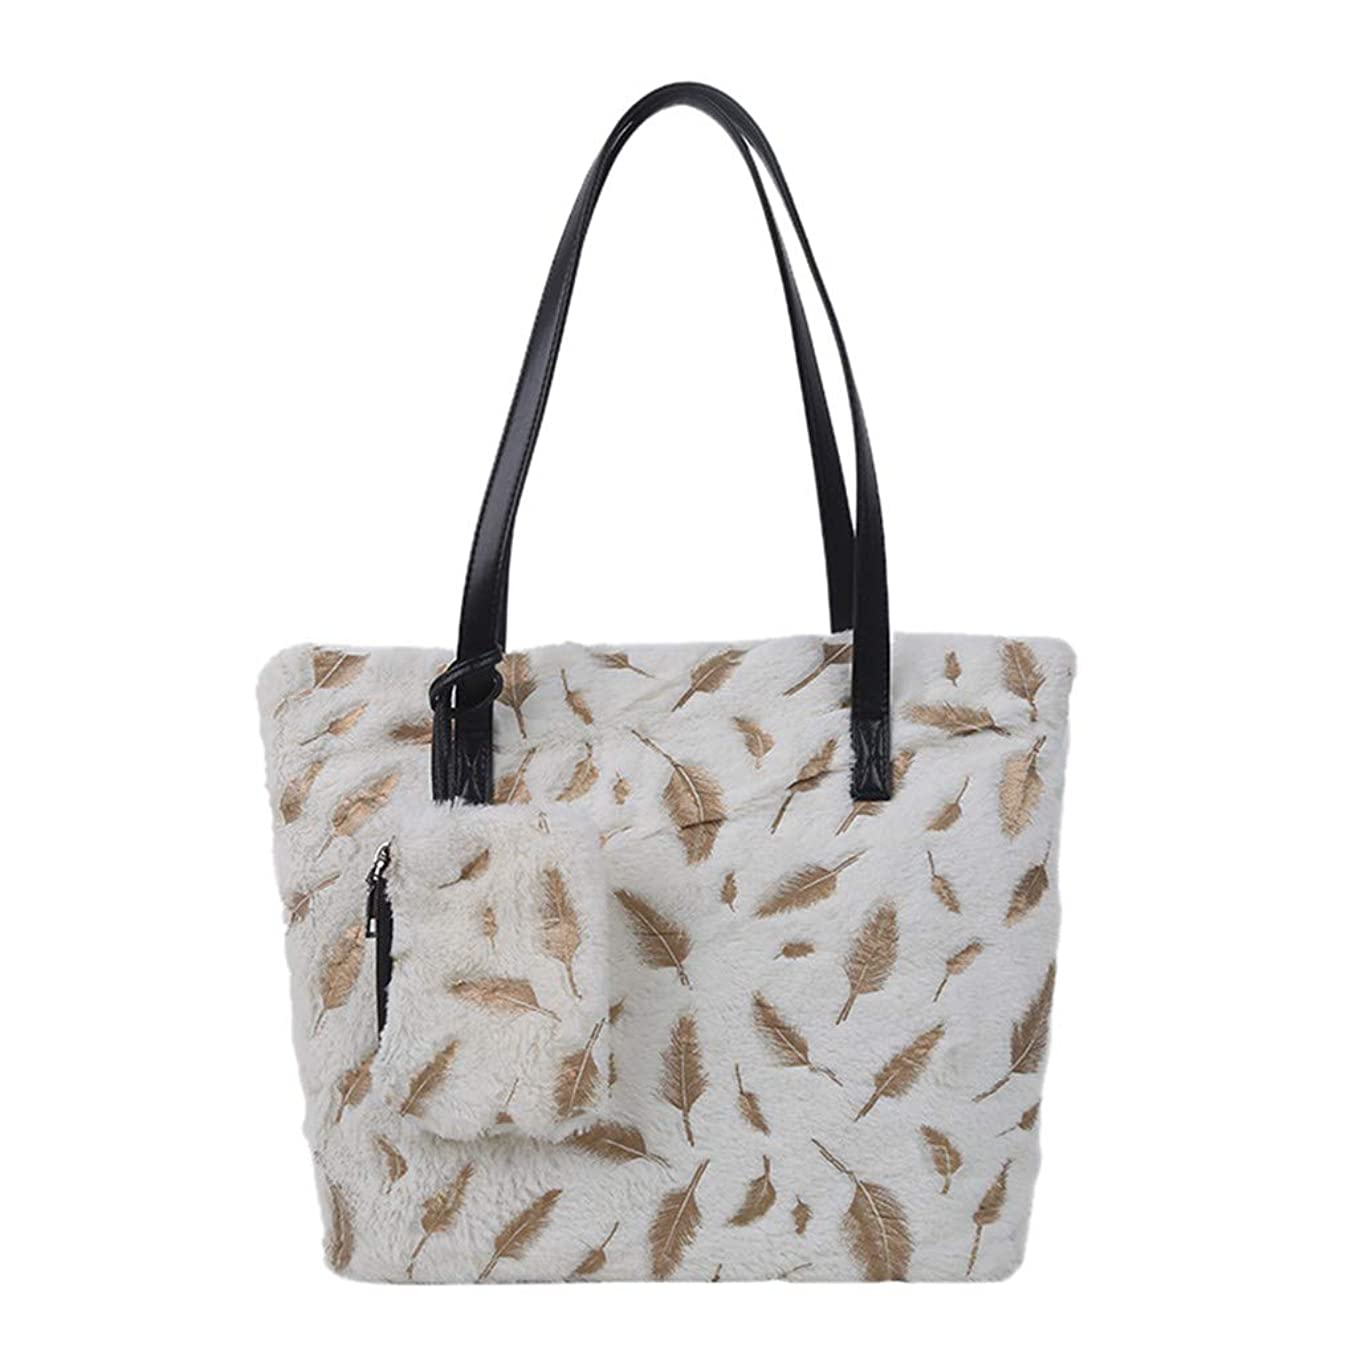 基礎概念形状ファッション女性の屋外単色大容量ぬいぐるみショルダーバッグハンドバッグ